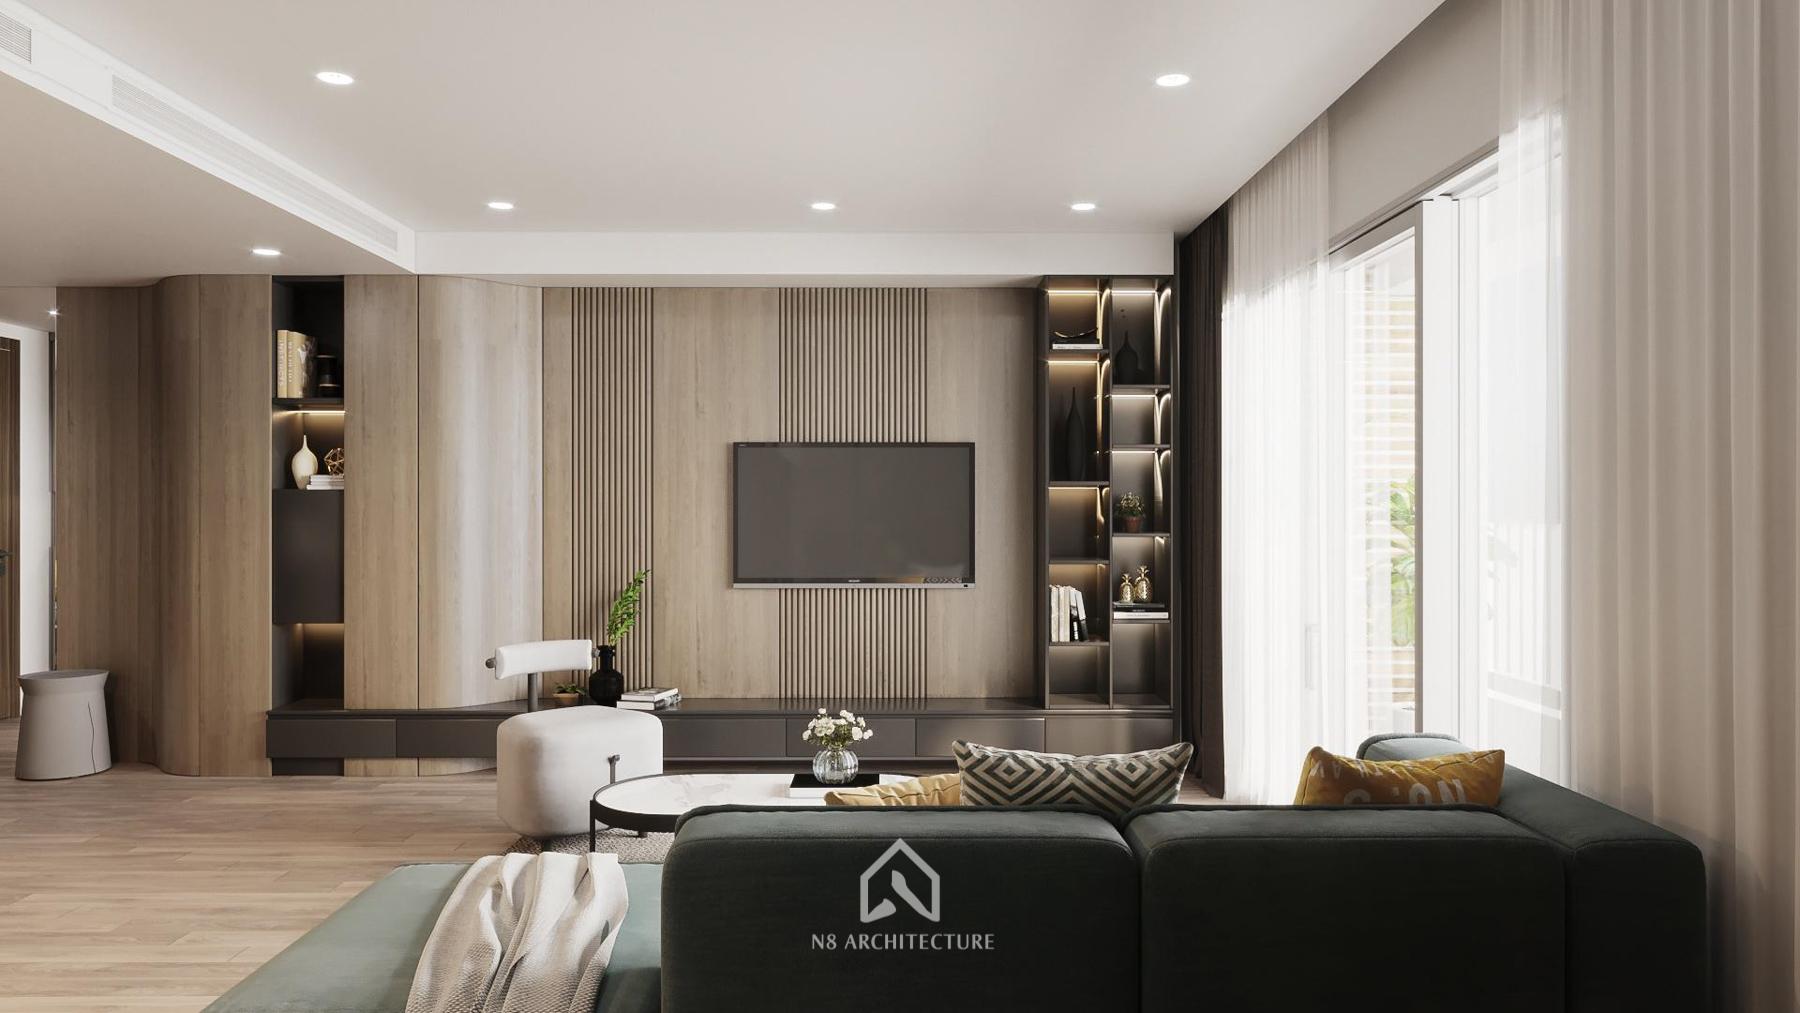 thiết kế nội thất chung cư Seasons Avenua 6